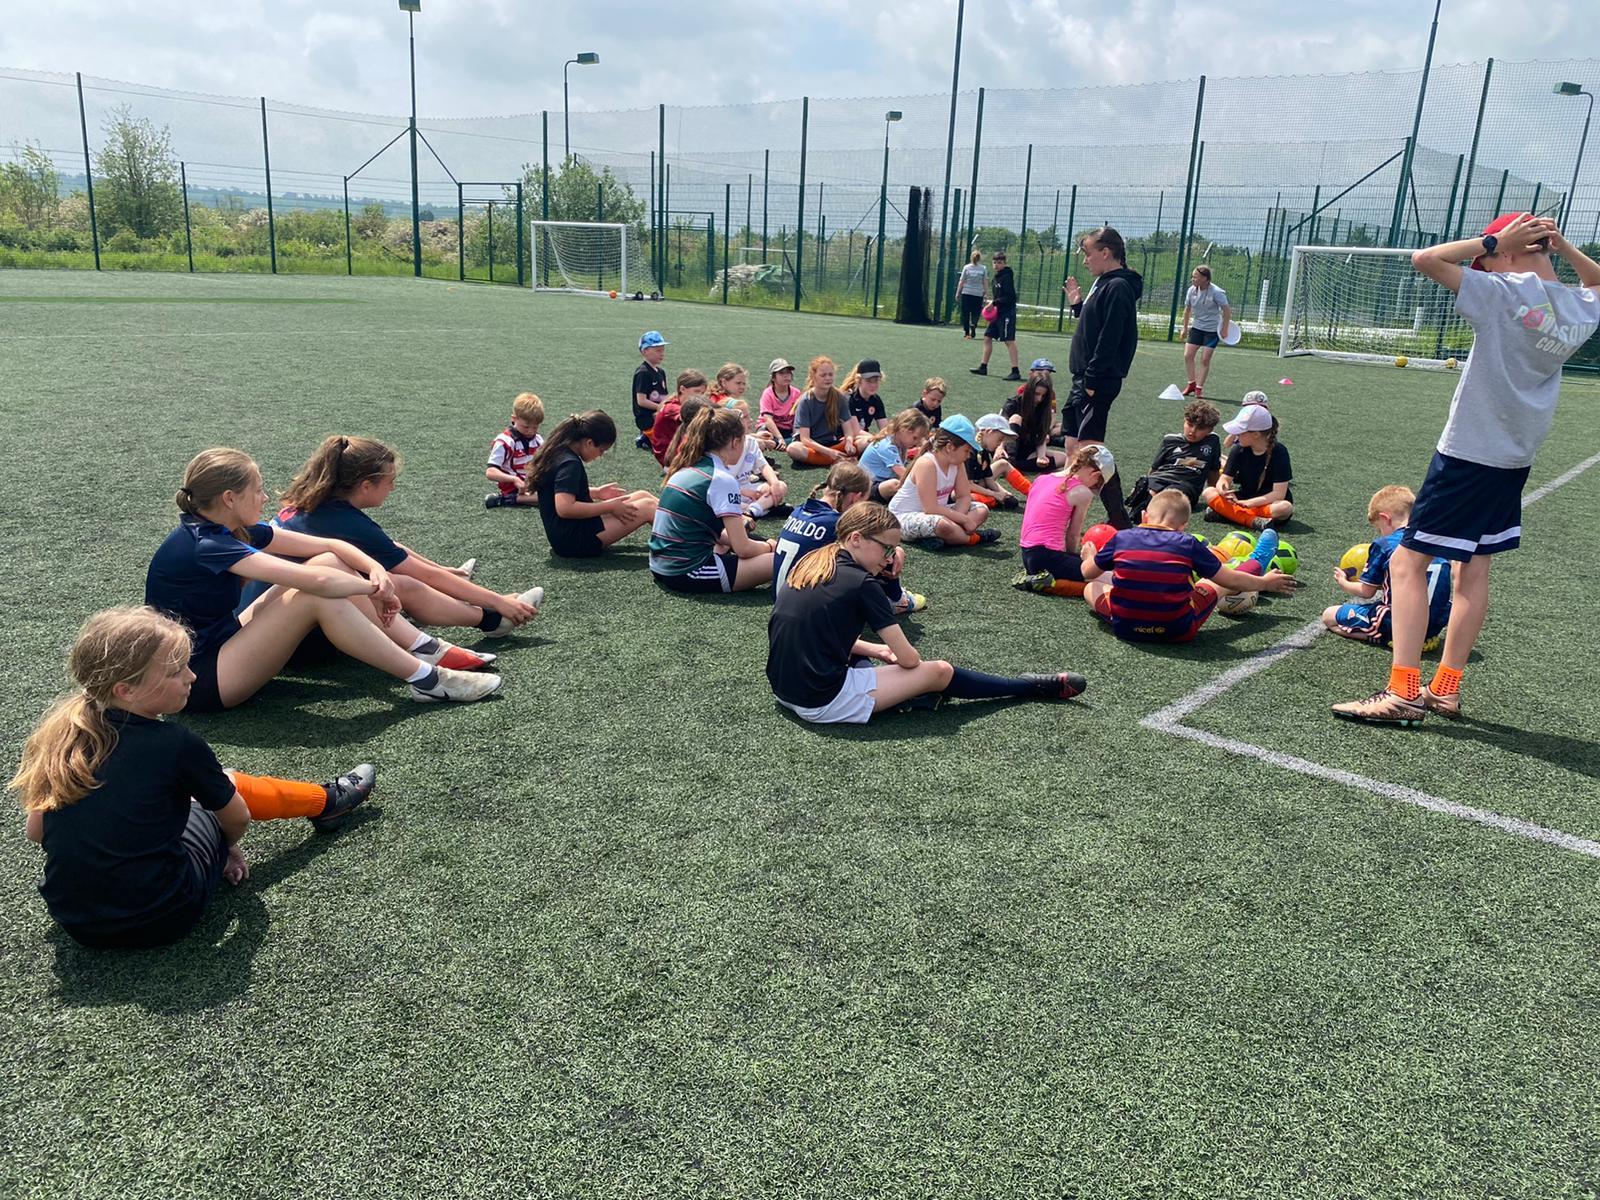 School holiday club in Rugby, Warwickshire